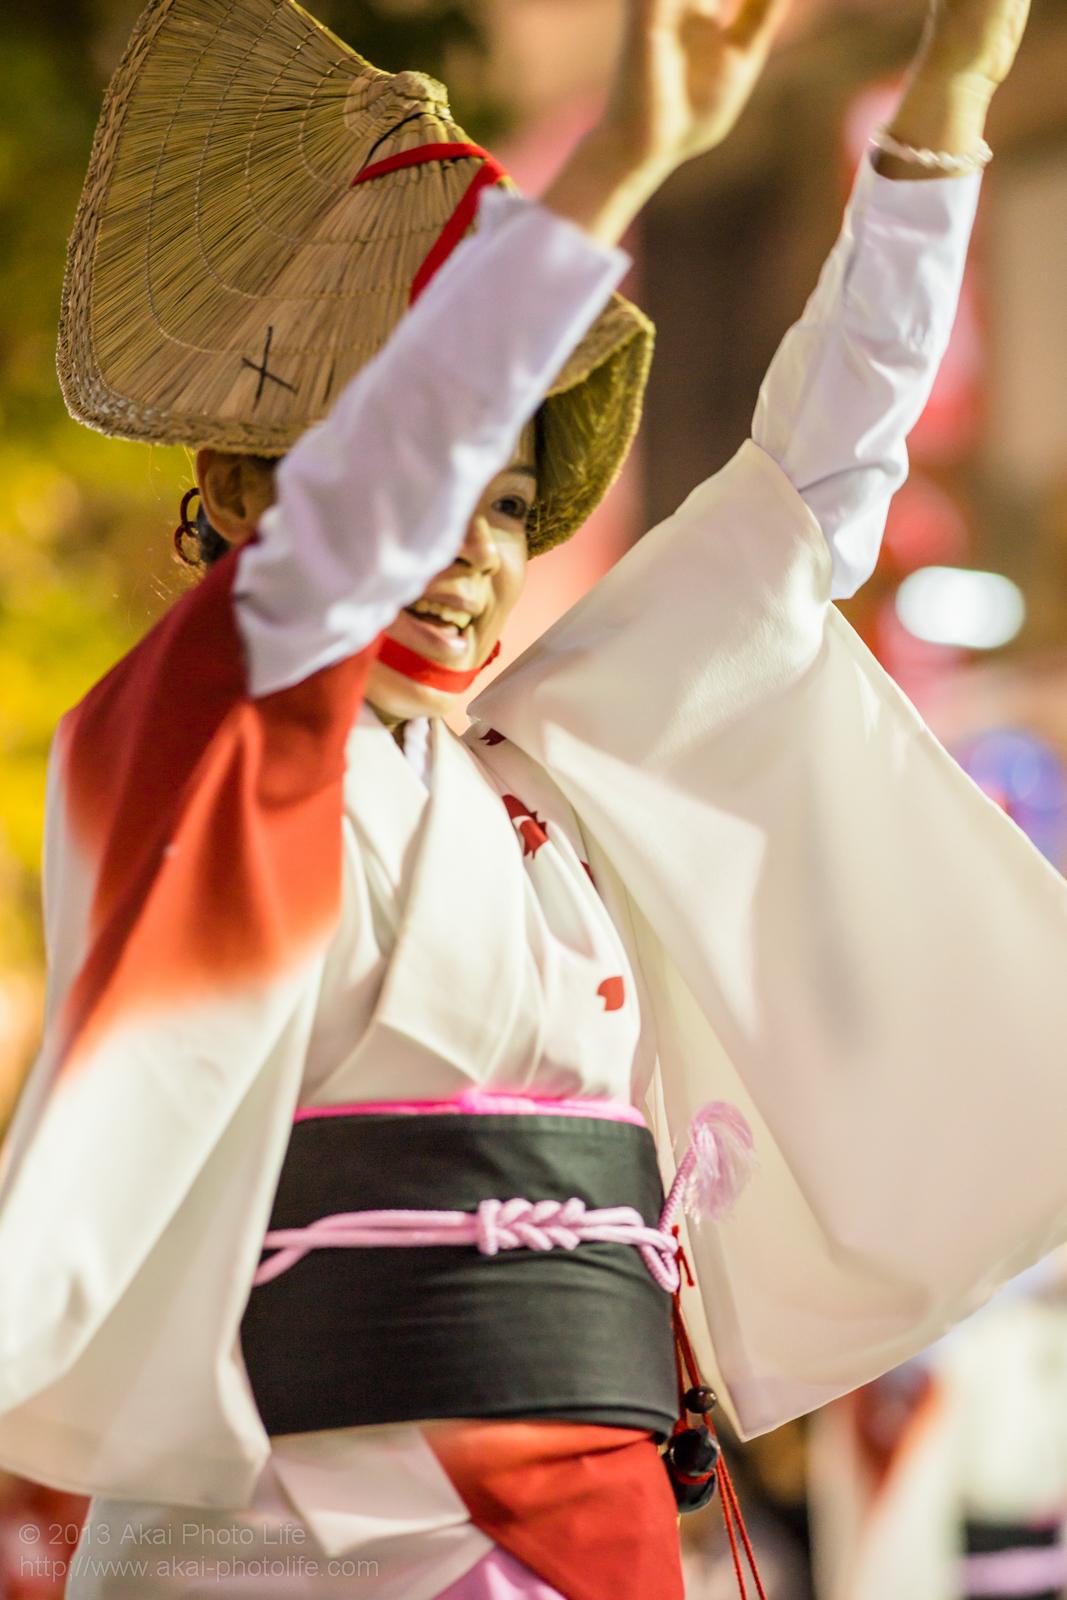 三鷹阿波踊り、みたか銀座連の女踊り